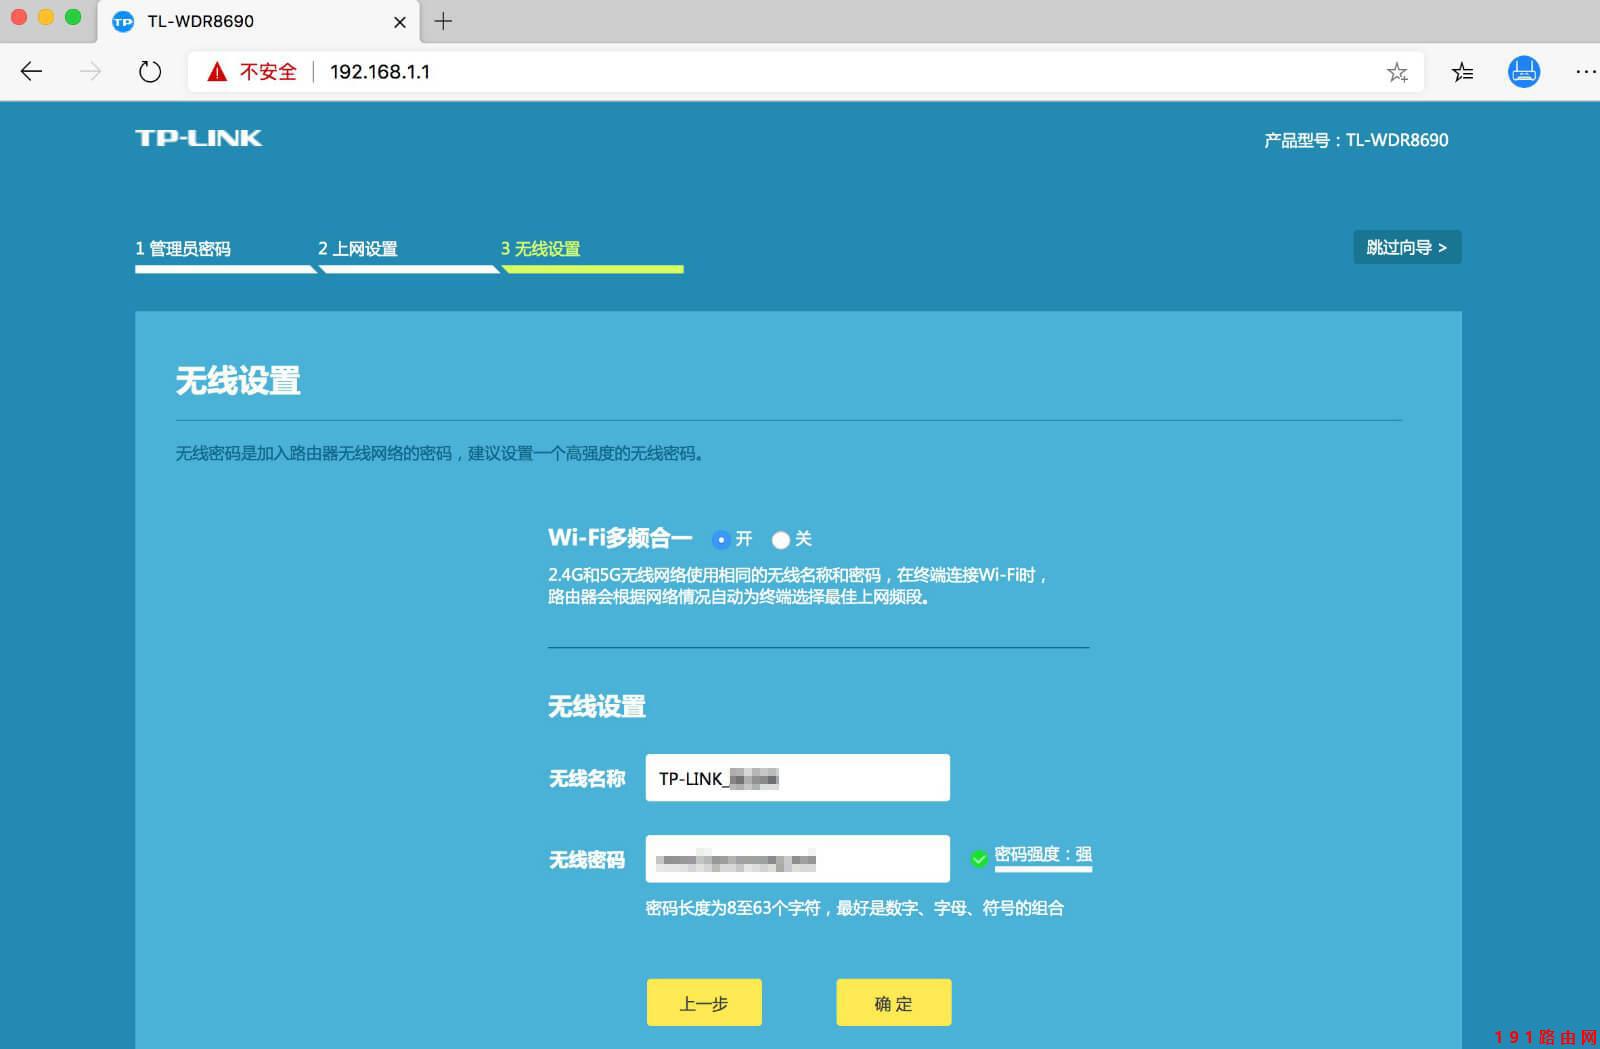 www.192.168.1.1登陆官网入口